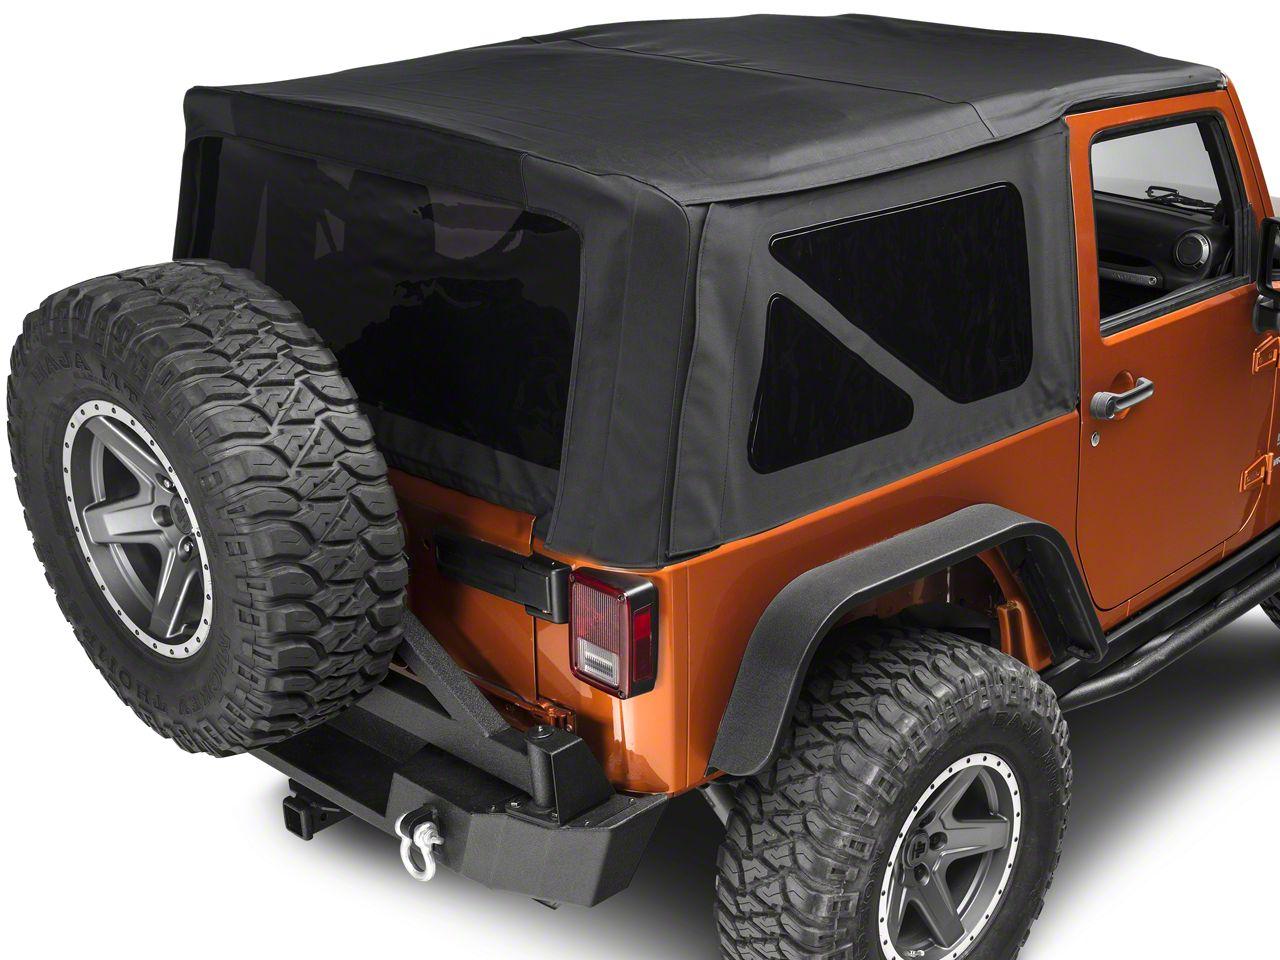 Barricade Premium Replacement Sailcloth Soft Top w/ Tinted Windows - Black Diamond (10-18 Jeep Wrangler JK 2 Door)